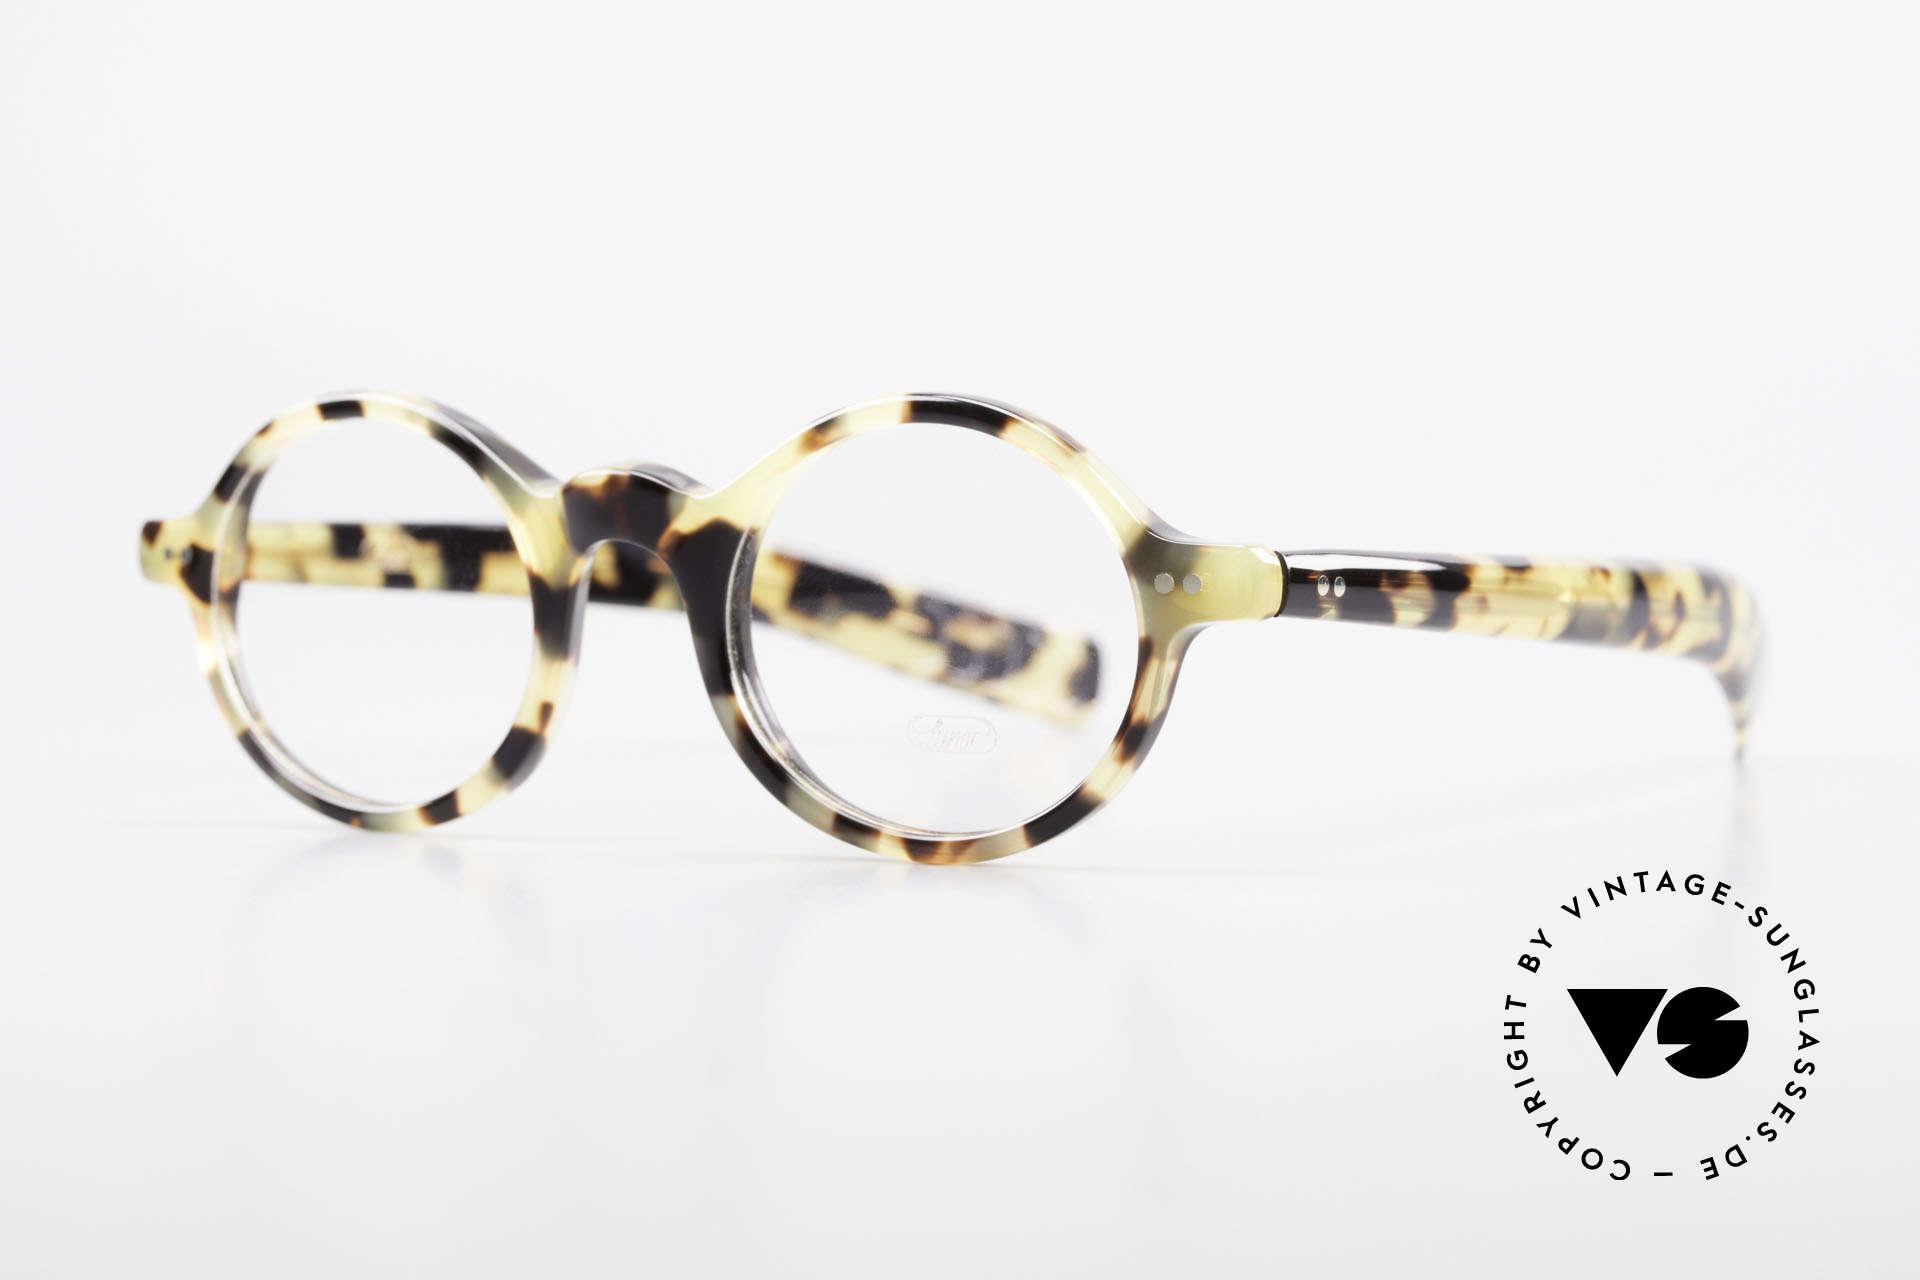 Lunor A52 Ovale Lunor Brille Acetat, ovale Fassung im stilvollen 'Tokyo Tortoise' Muster, Passend für Herren und Damen